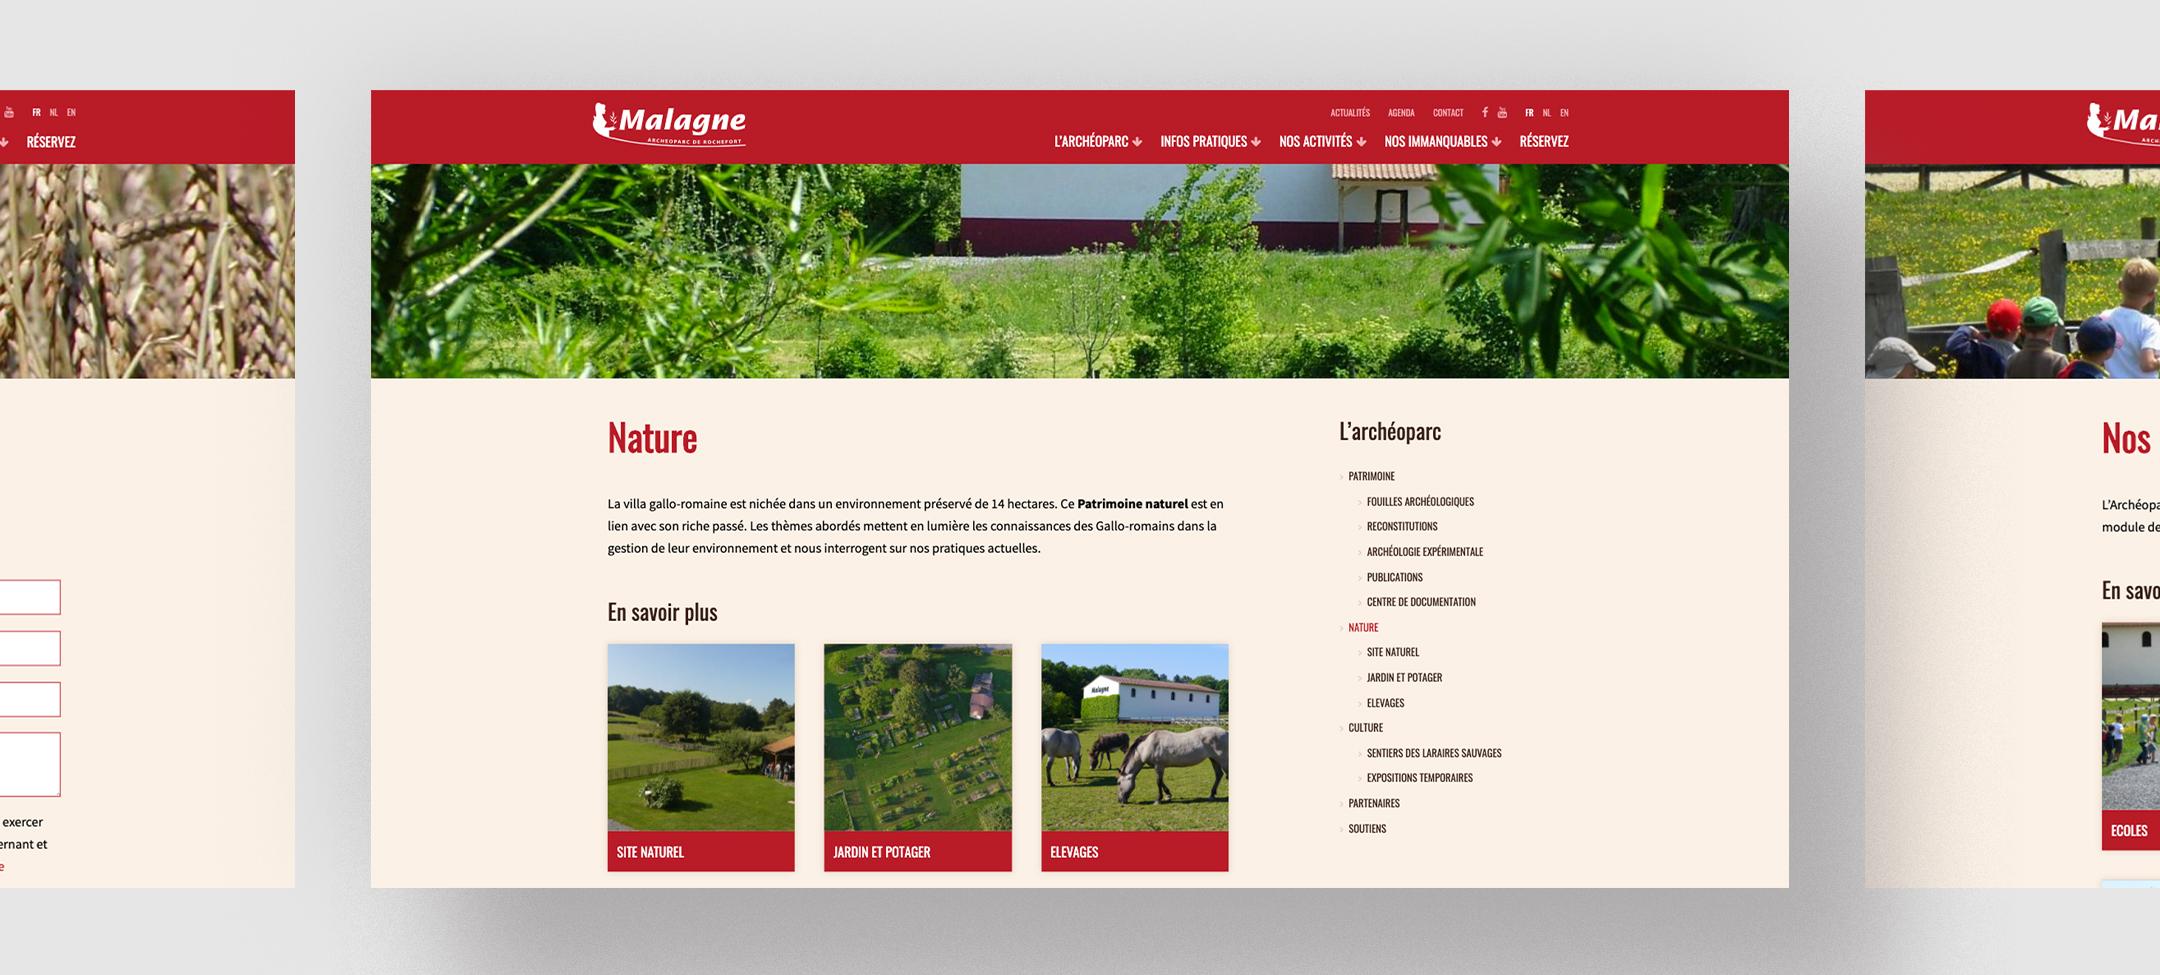 Un design web au goût du jour